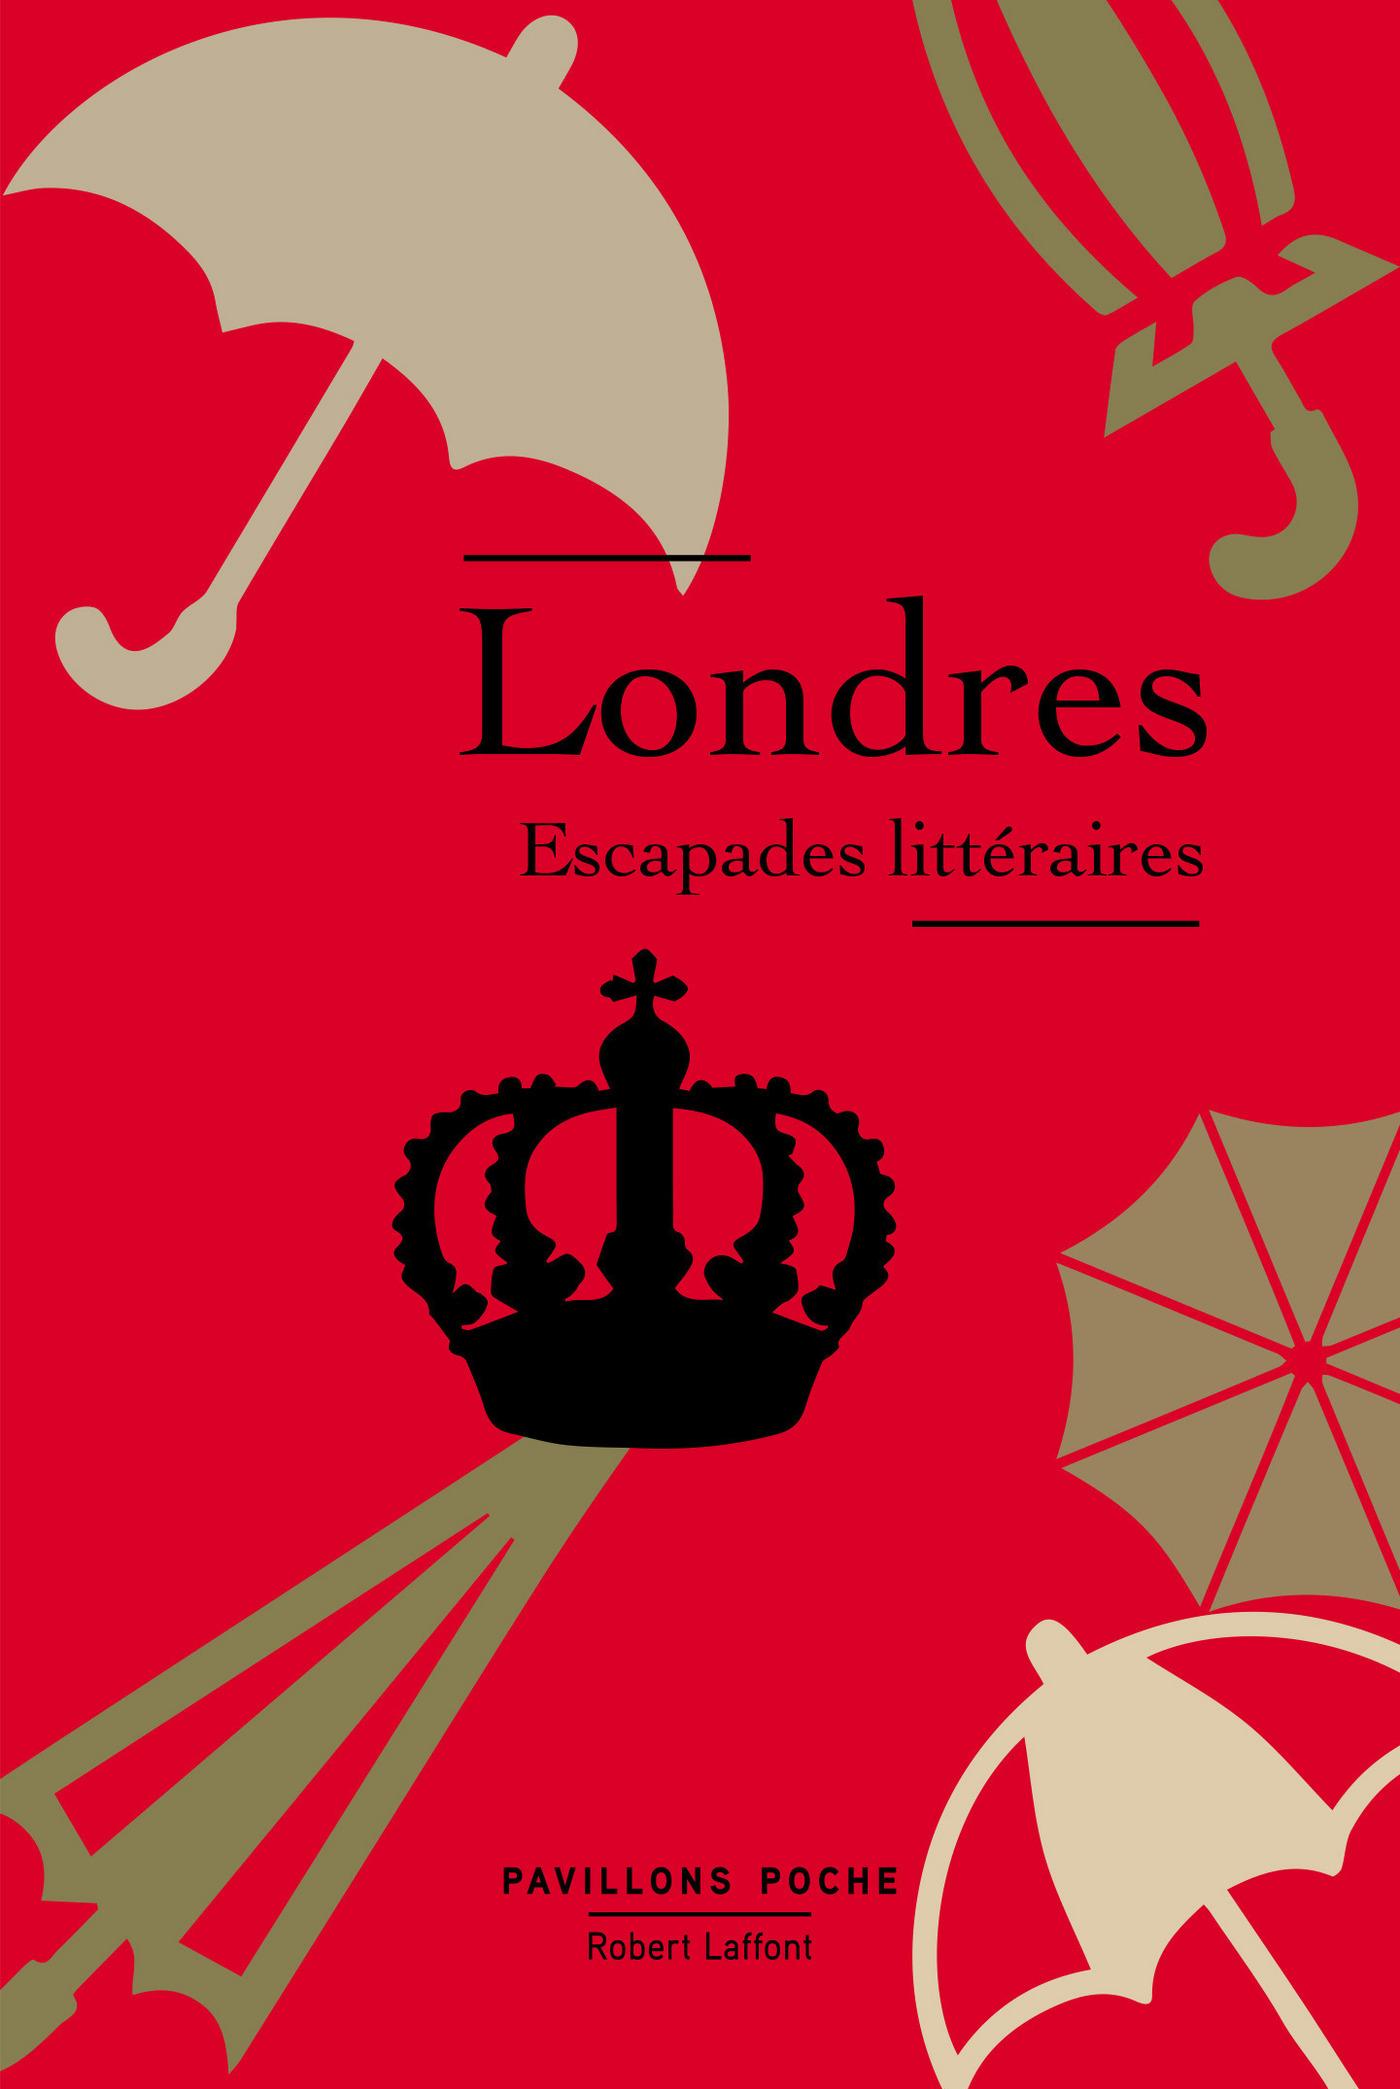 Londres, escapades littéraires